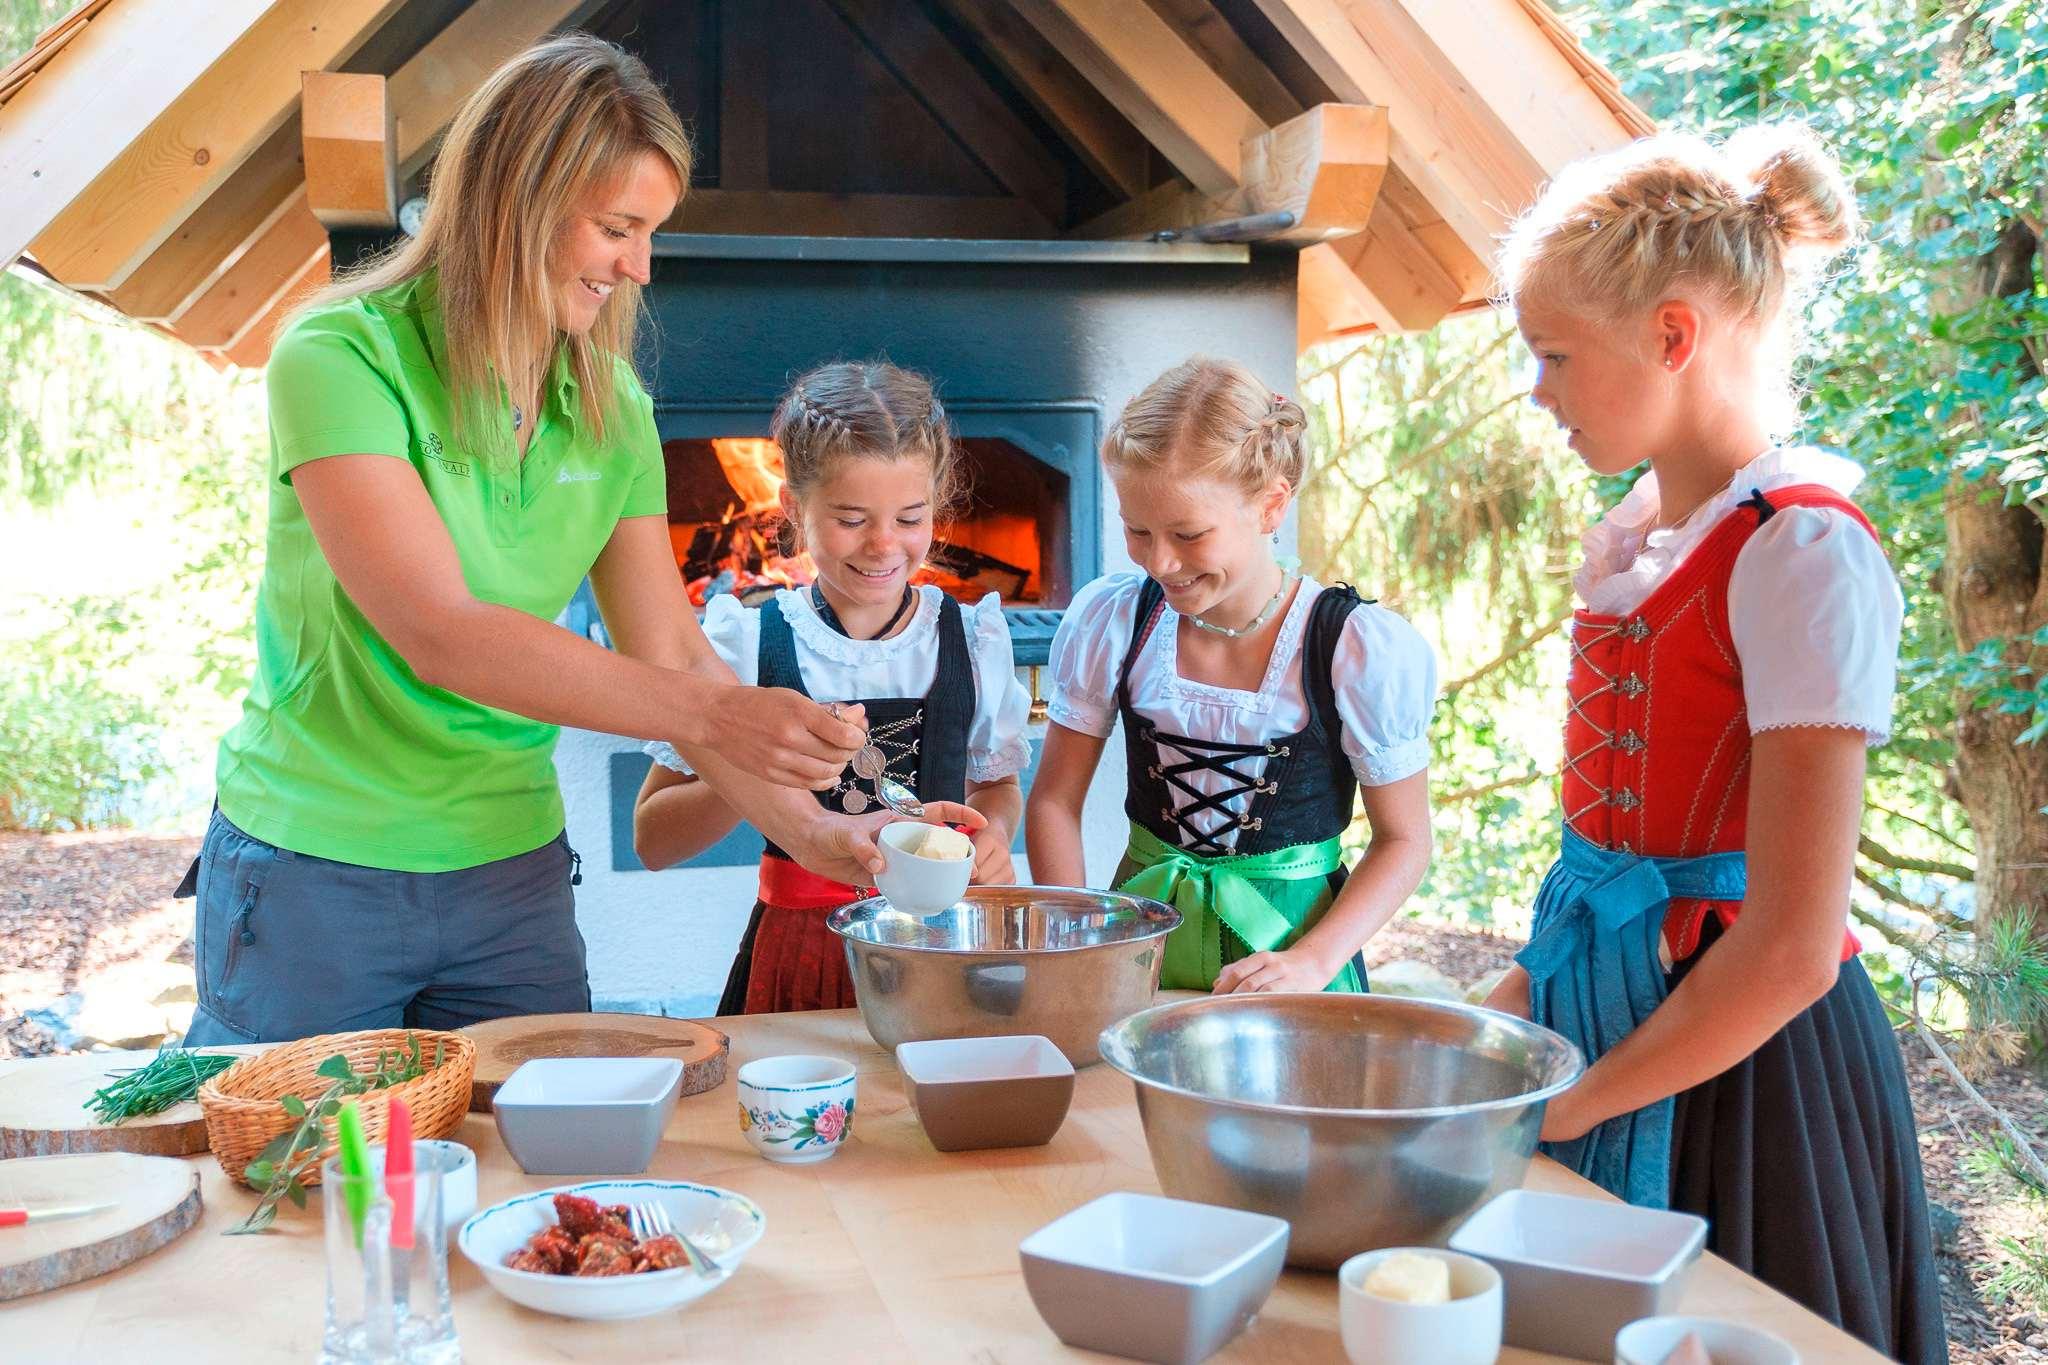 Mädchen backen im Rahmen des Alpenranger-Programms des Sonnenalp Resorts.